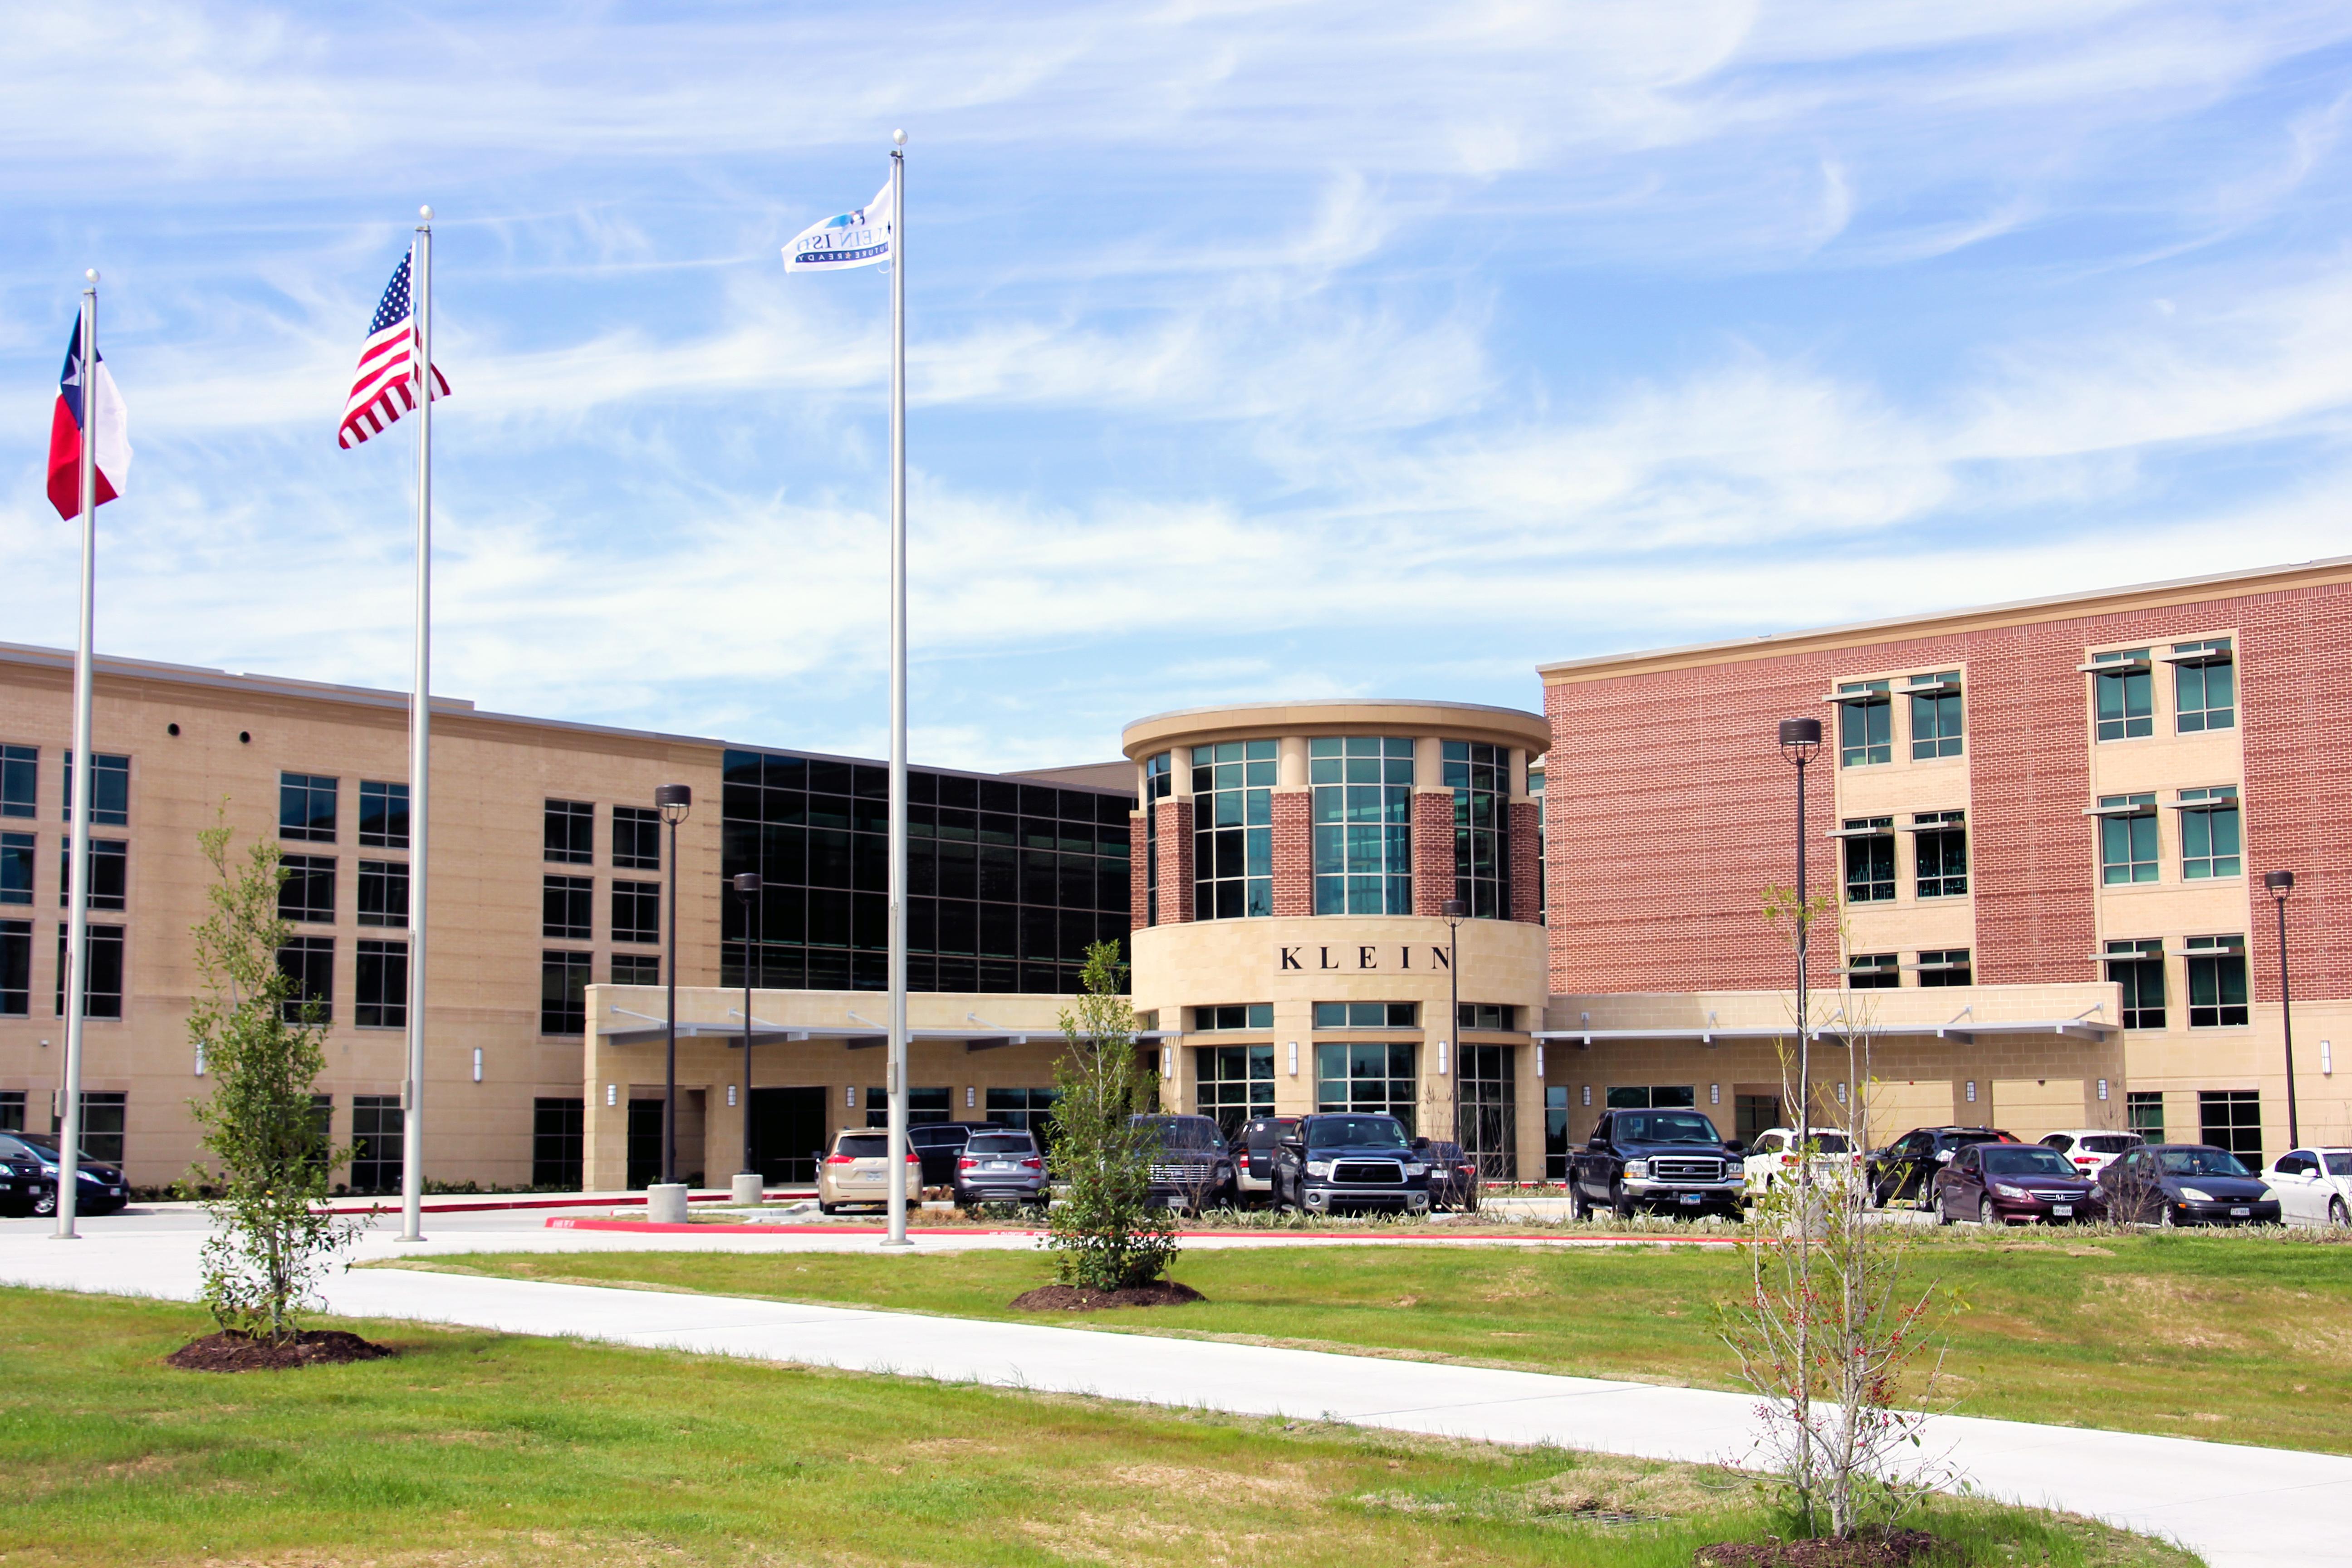 klein high school klein high school